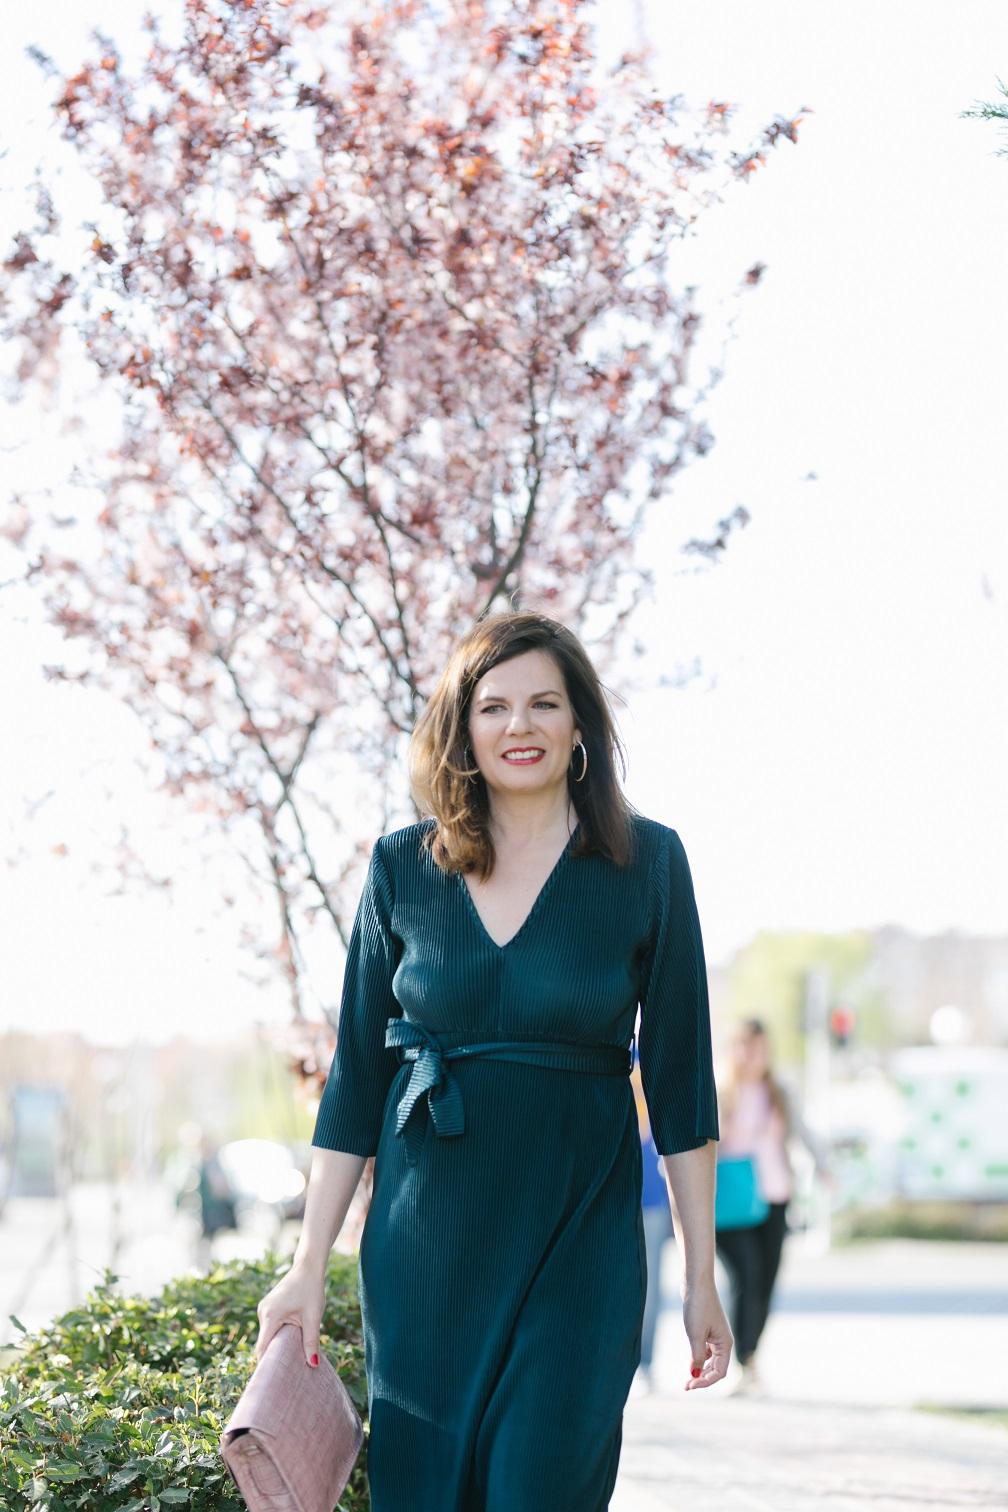 El vestido, un básico de armario para el trabajo en primavera